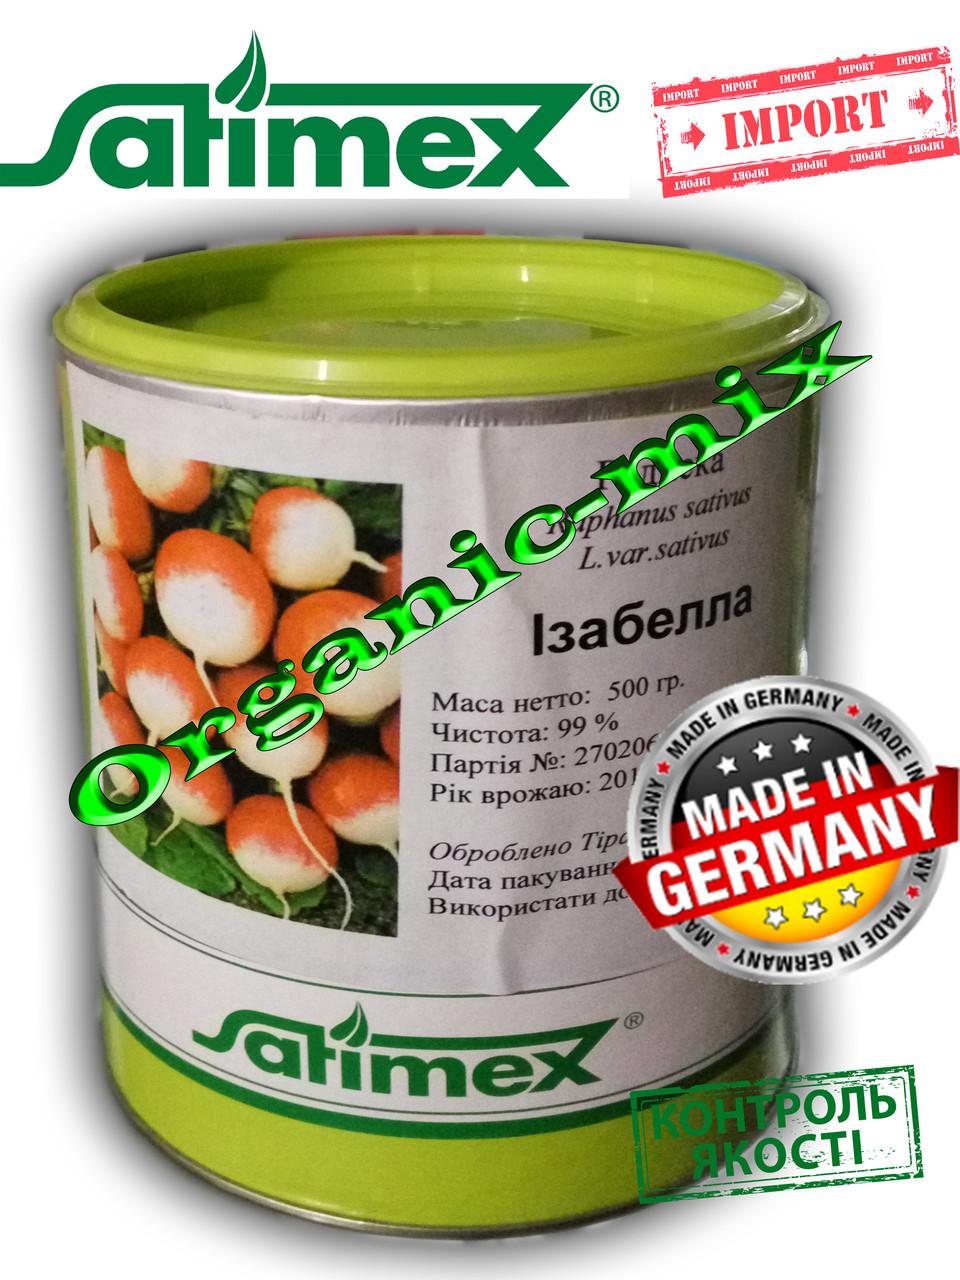 Семена Редис Изабелла красный с белым кончиком (КБК), 500 г банка, Satimex Германия